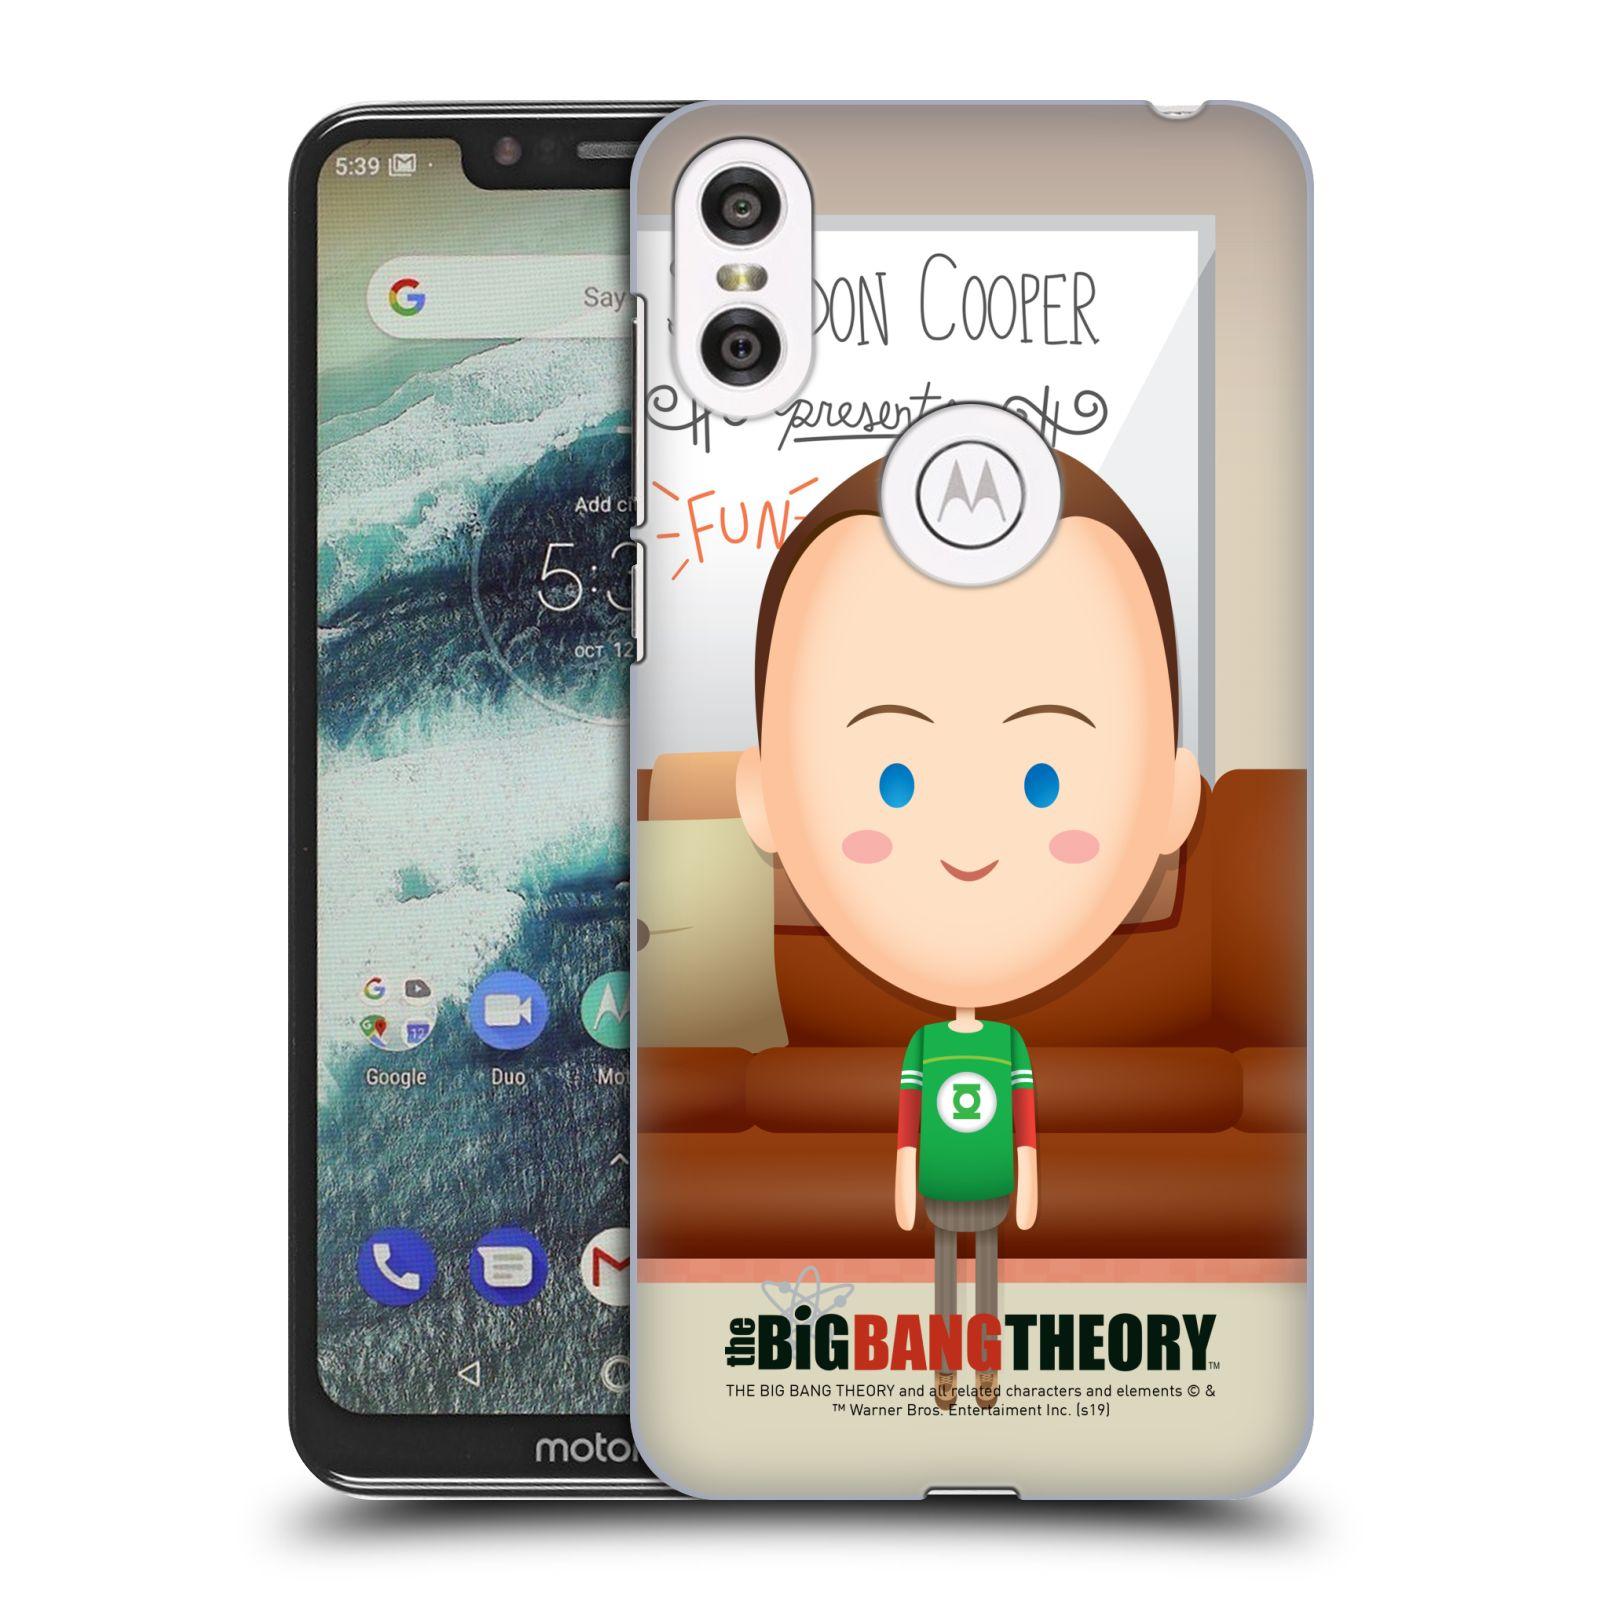 Pouzdro na mobil Motorola Moto ONE - HEAD CASE - Big Bang Theory - kreslený Sheldon